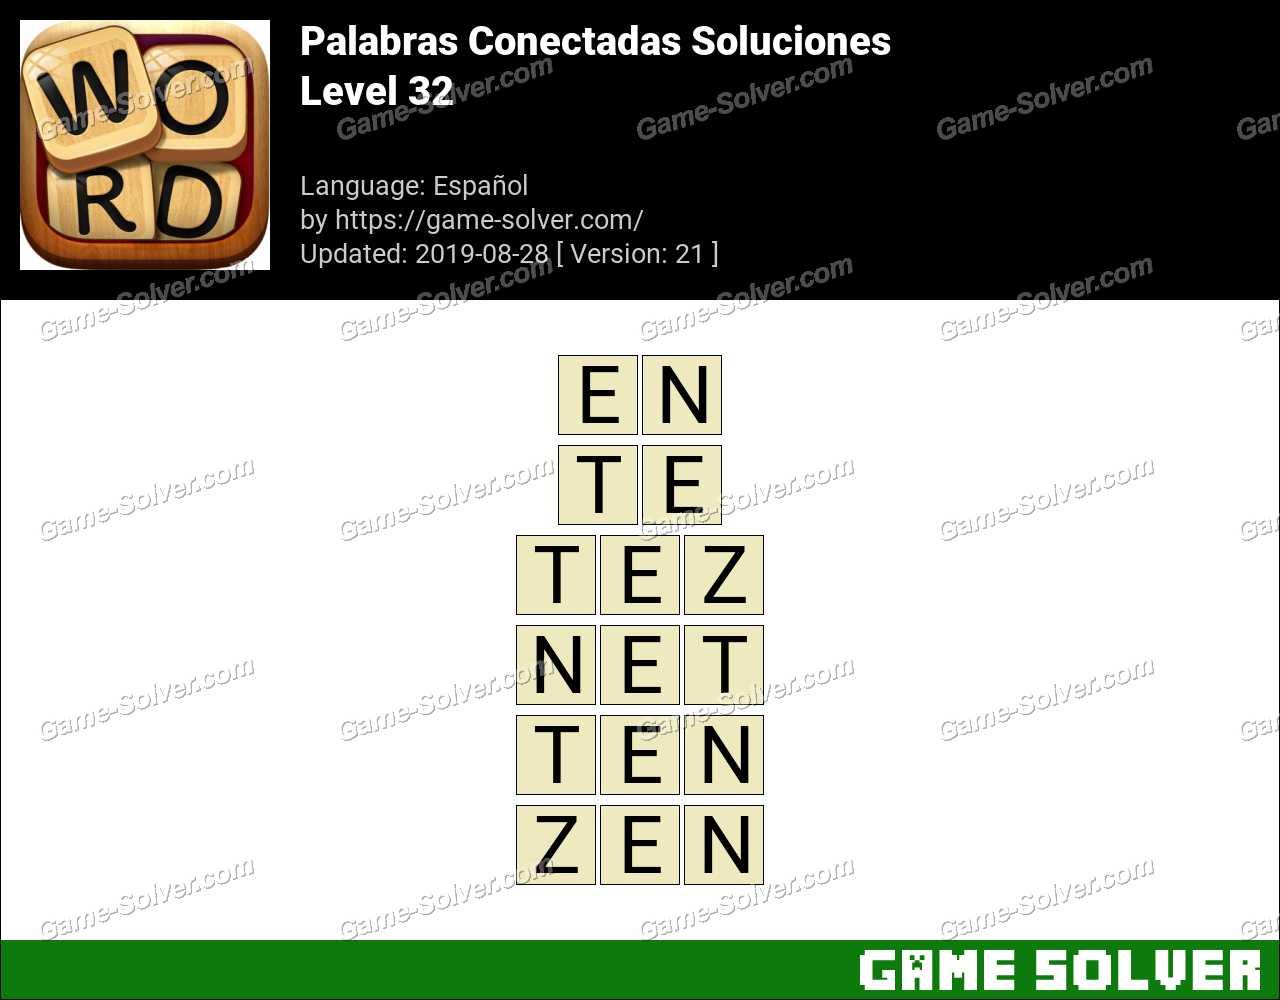 Palabras Conectadas Nivel 32 Soluciones